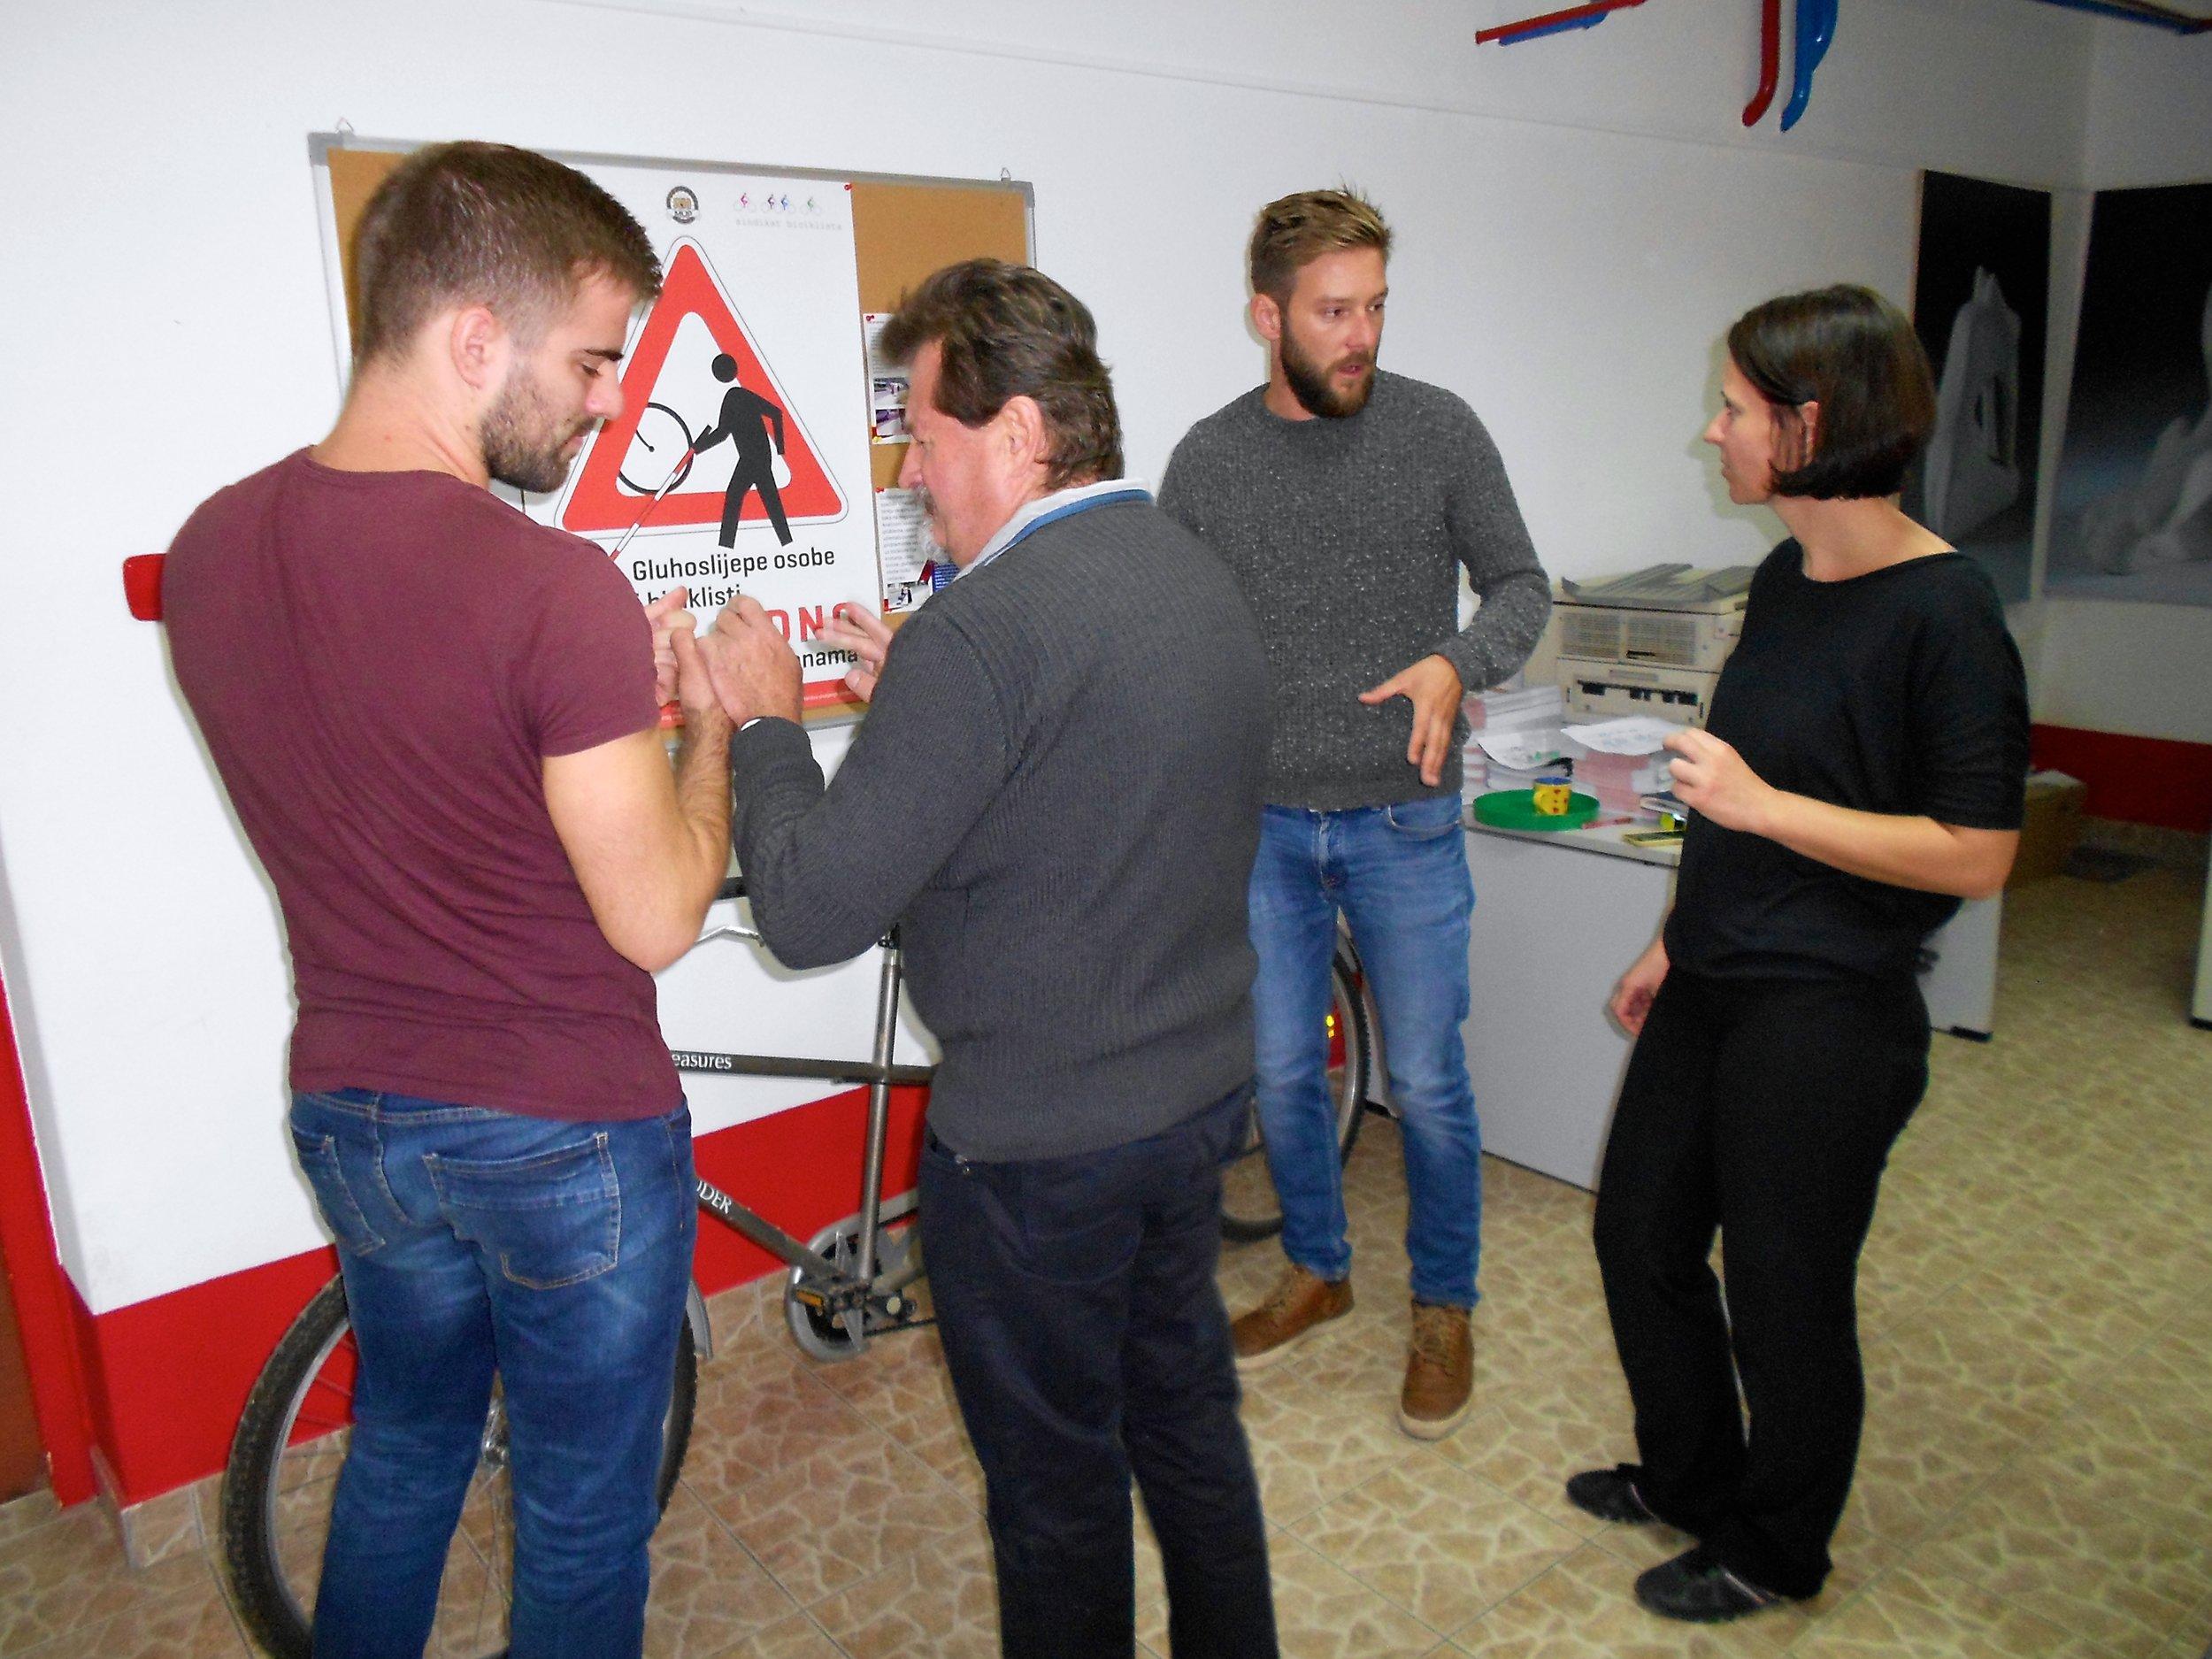 Zagreb edukacija gso 2.JPG